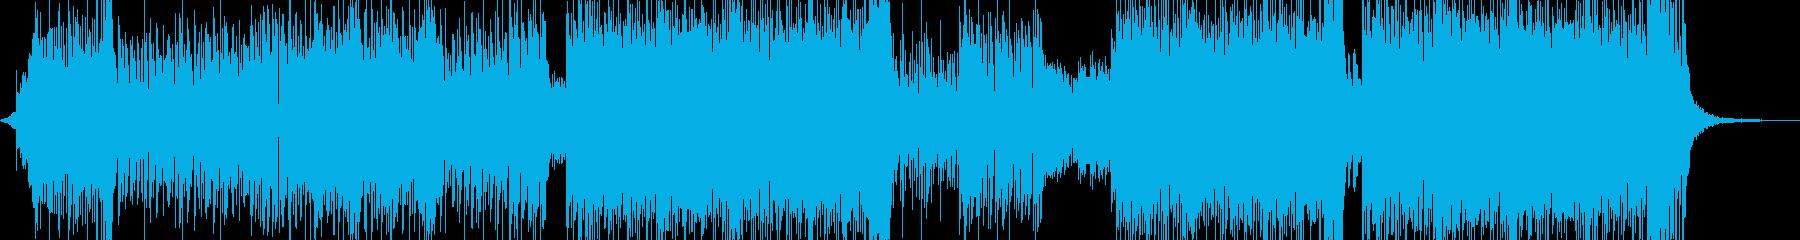 ♪ゆめかわな雰囲気・テクノポップ♪ 短尺の再生済みの波形